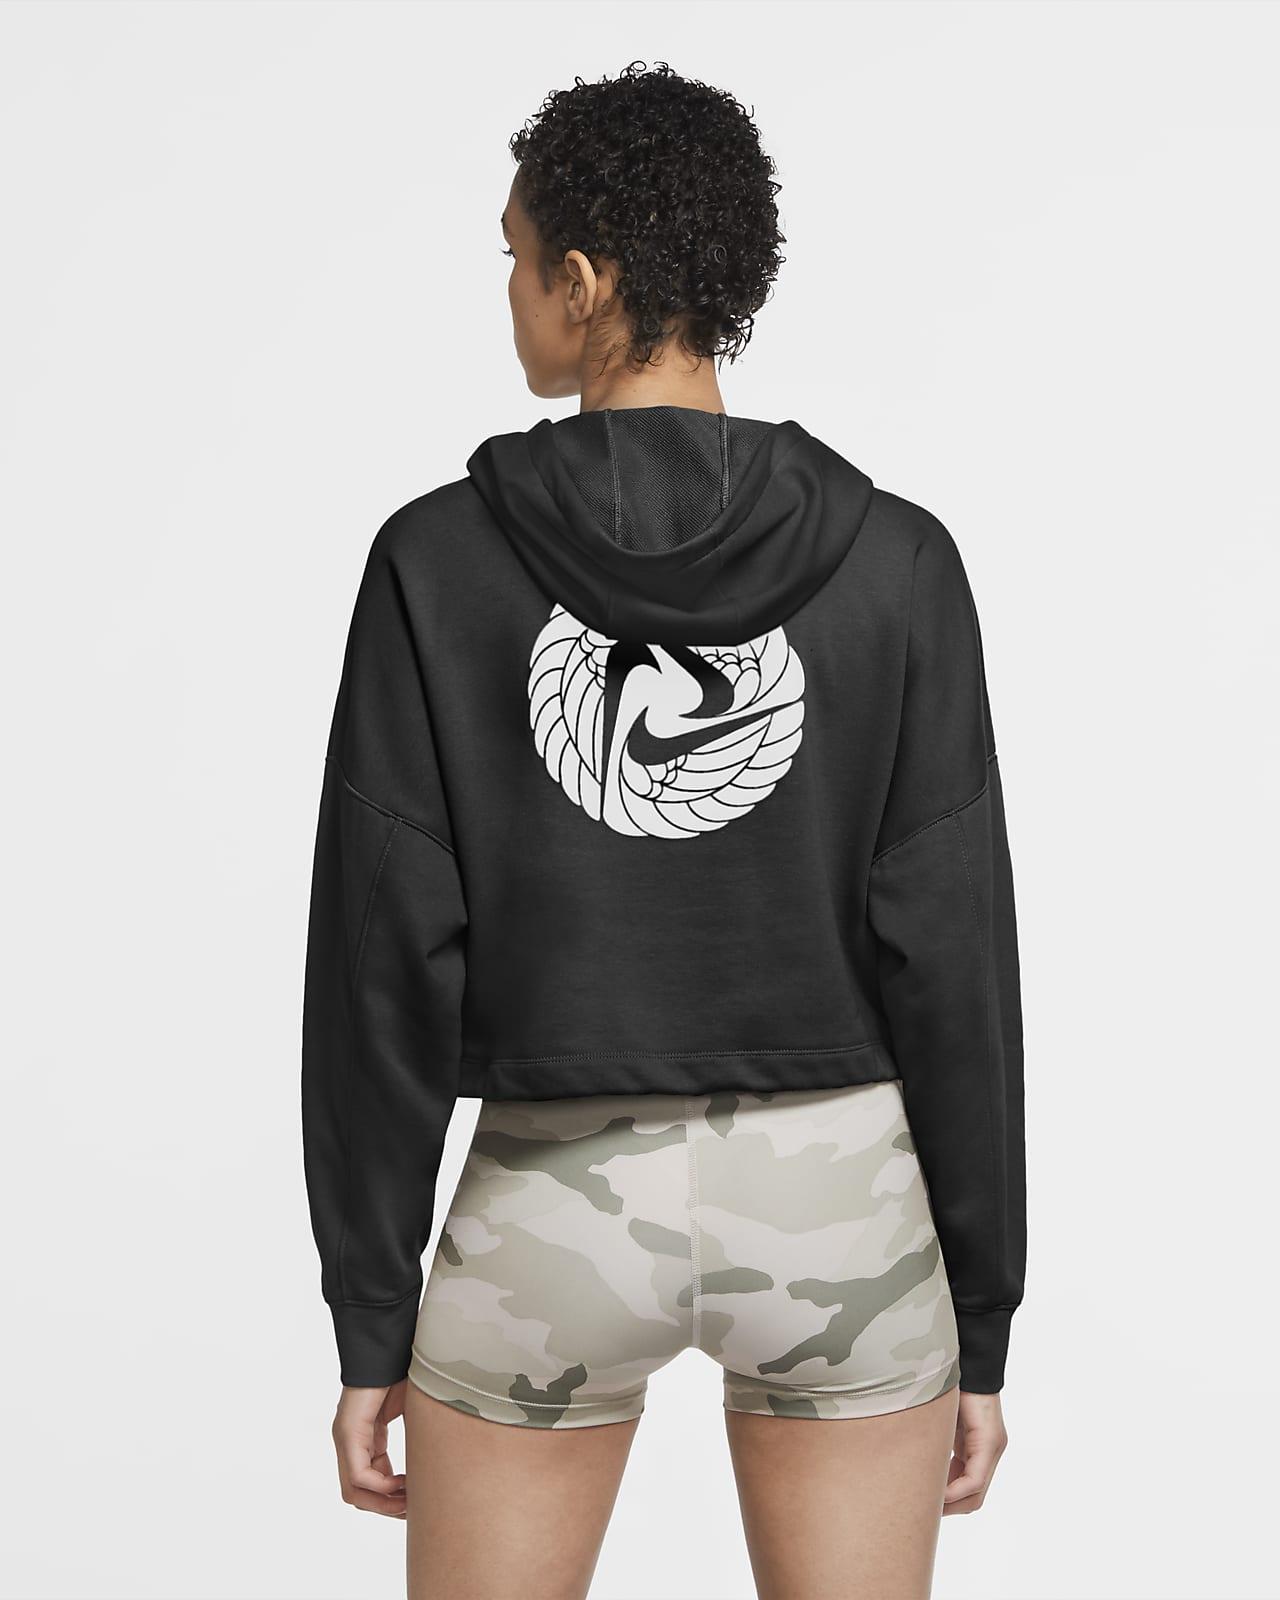 Γυναικεία μπλούζα προπόνησης σε κοντό μήκος με κουκούλα Nike Dri-FIT Icon Clash